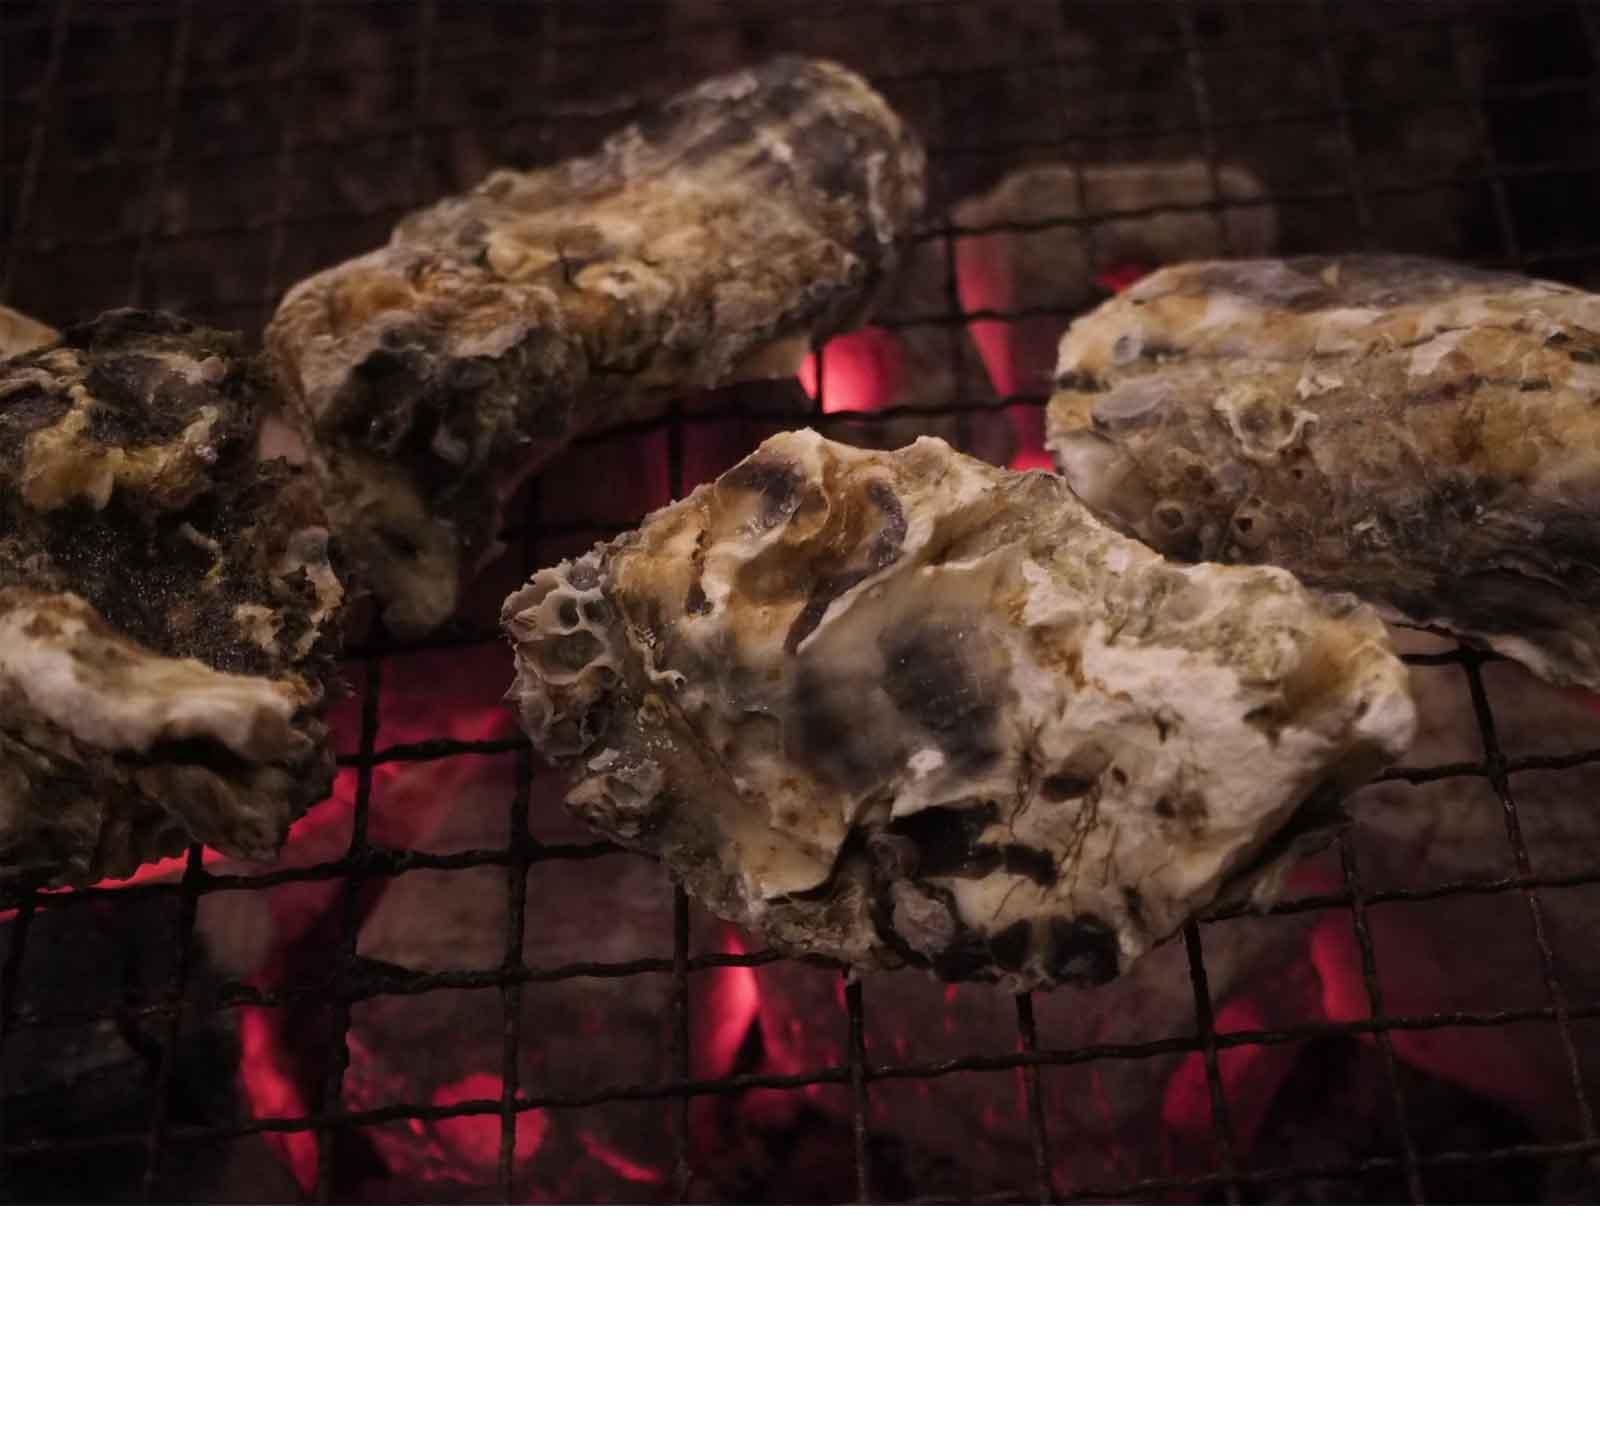 岡山市サウスヴィレッジにてオープンいたしました。【出張牡蠣小屋】牡蠣奉行in岡山店